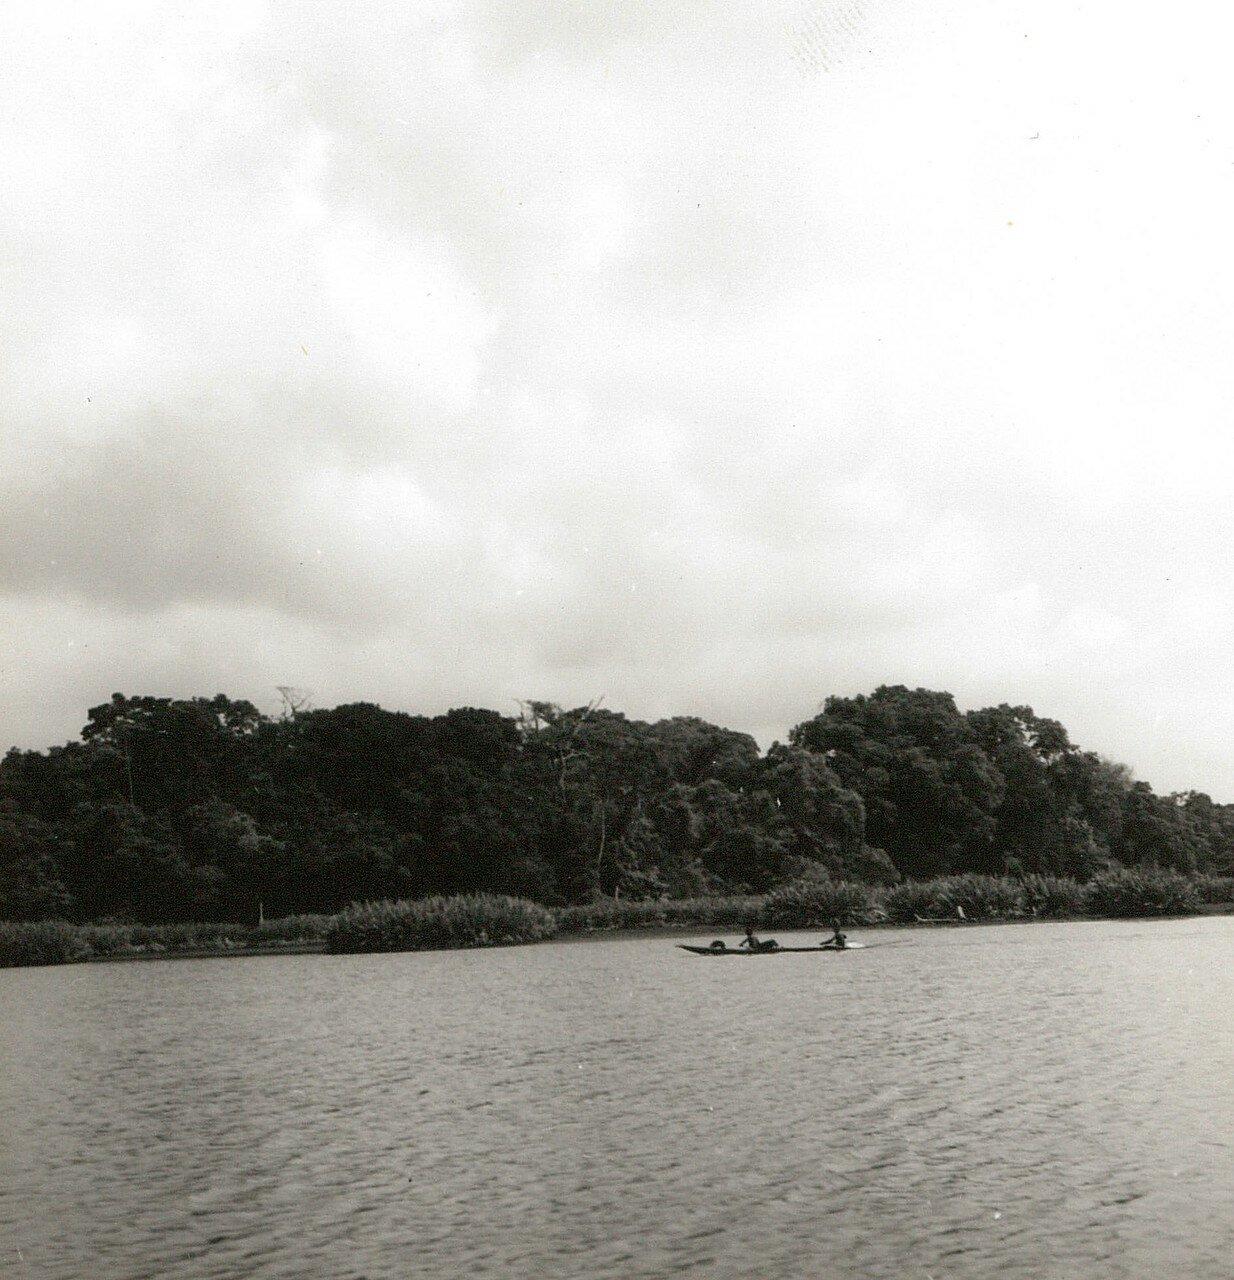 Абиджан. Остров Буле в лагуне Эбрие. Вид в сторону берега и тропических лесов